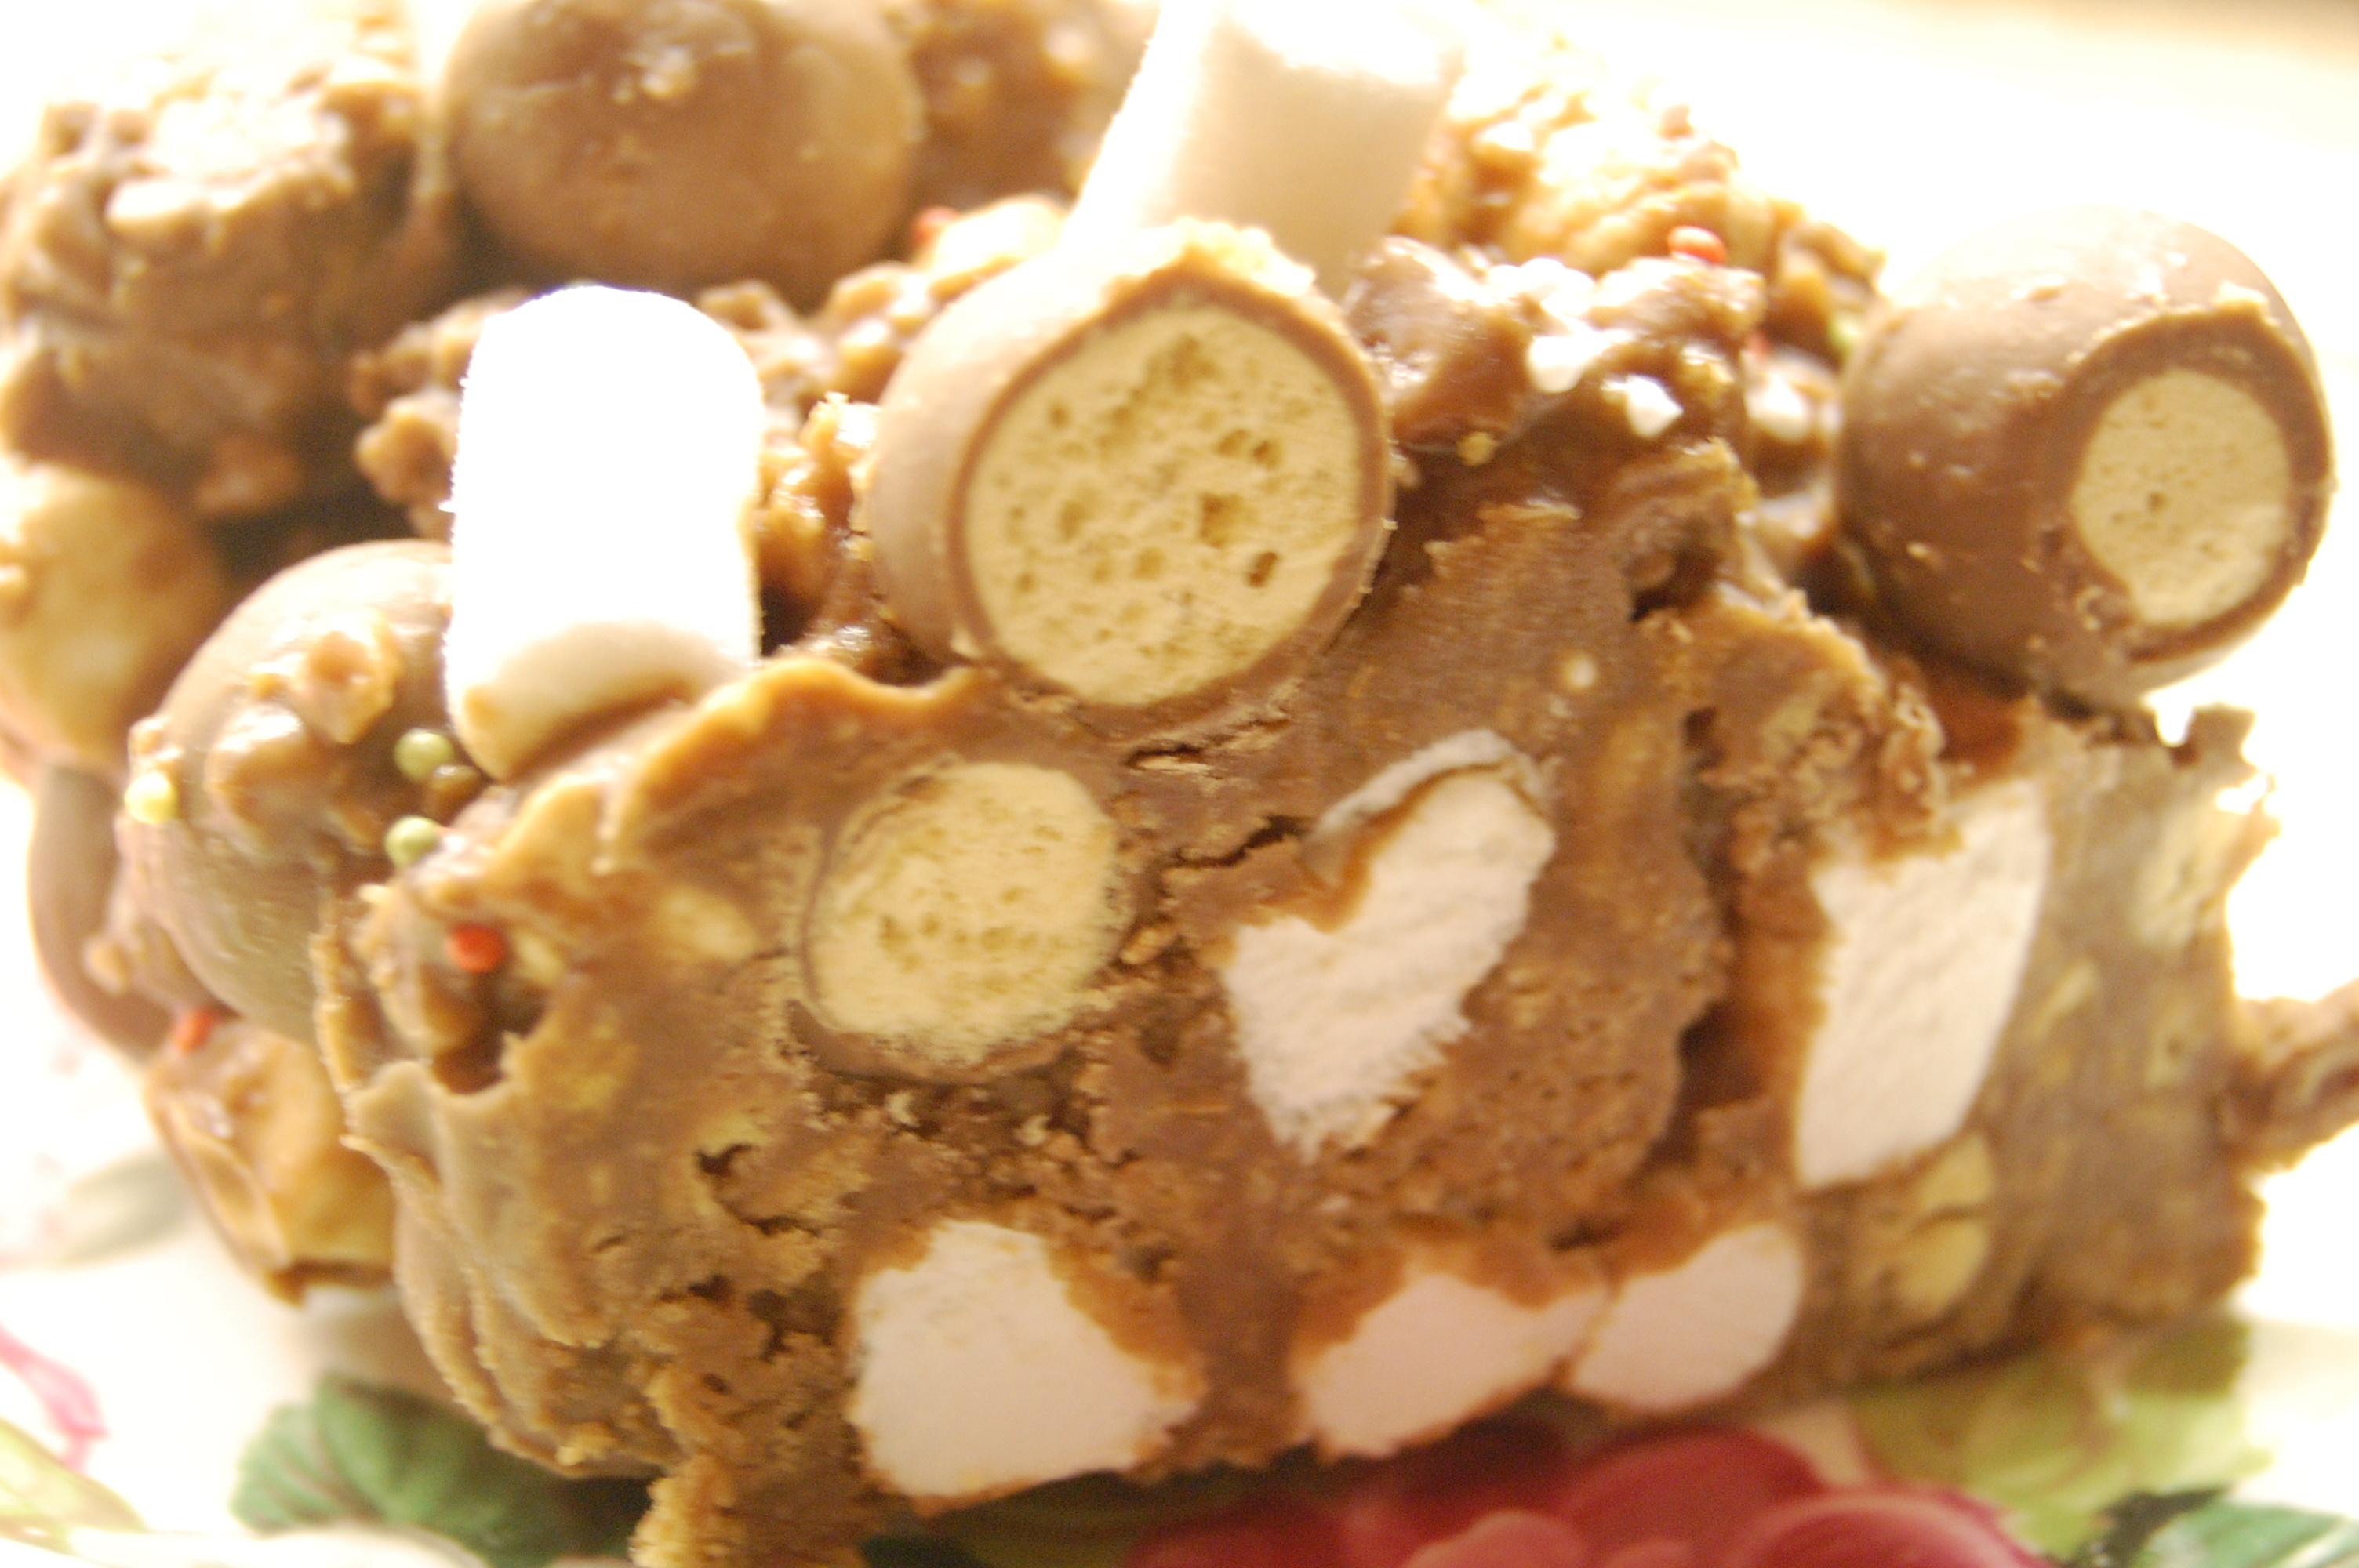 fridgecake